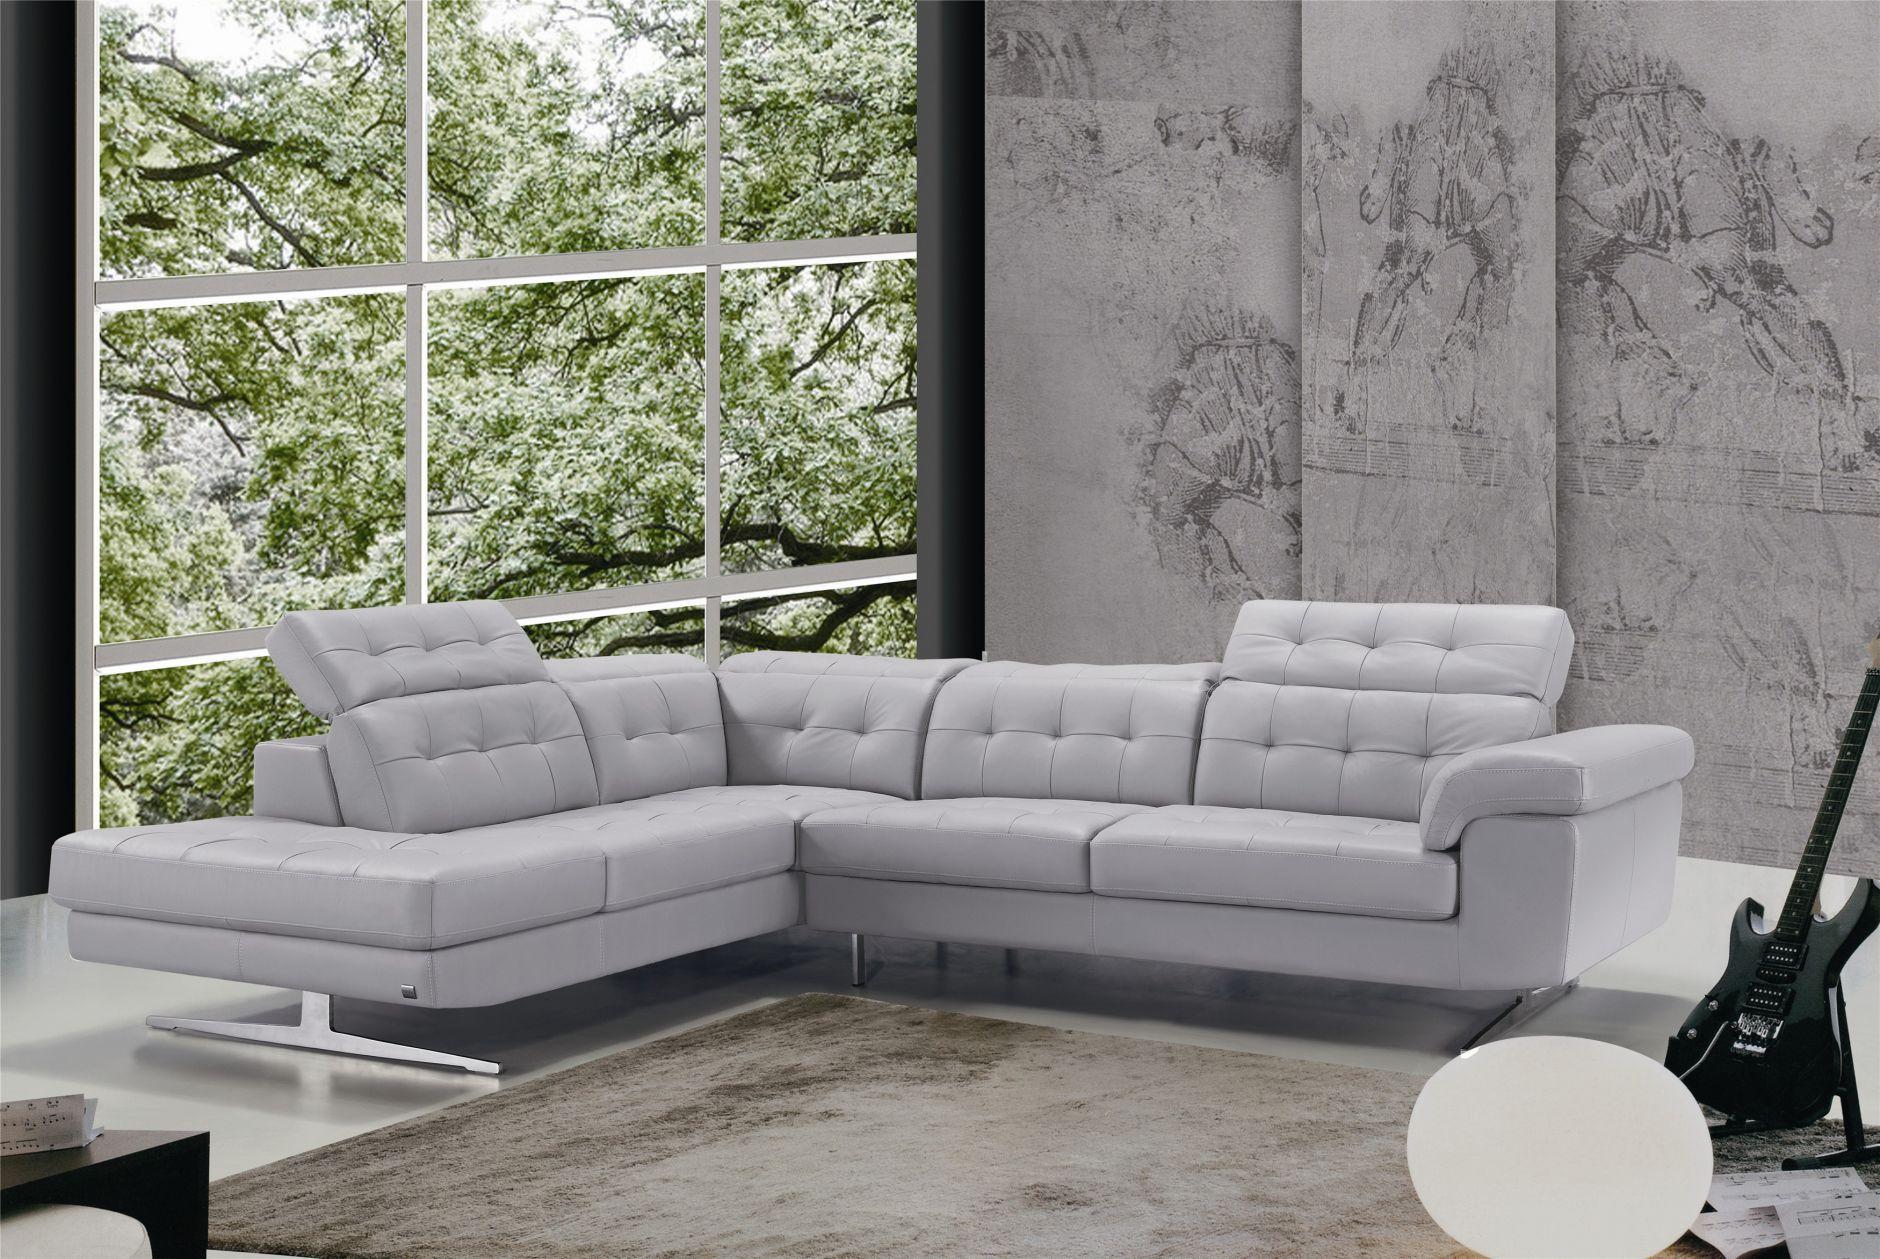 Sofa sectionnel sofa sectionnel 992les meubles de l 39 italie for Meuble leon divan sectionnel